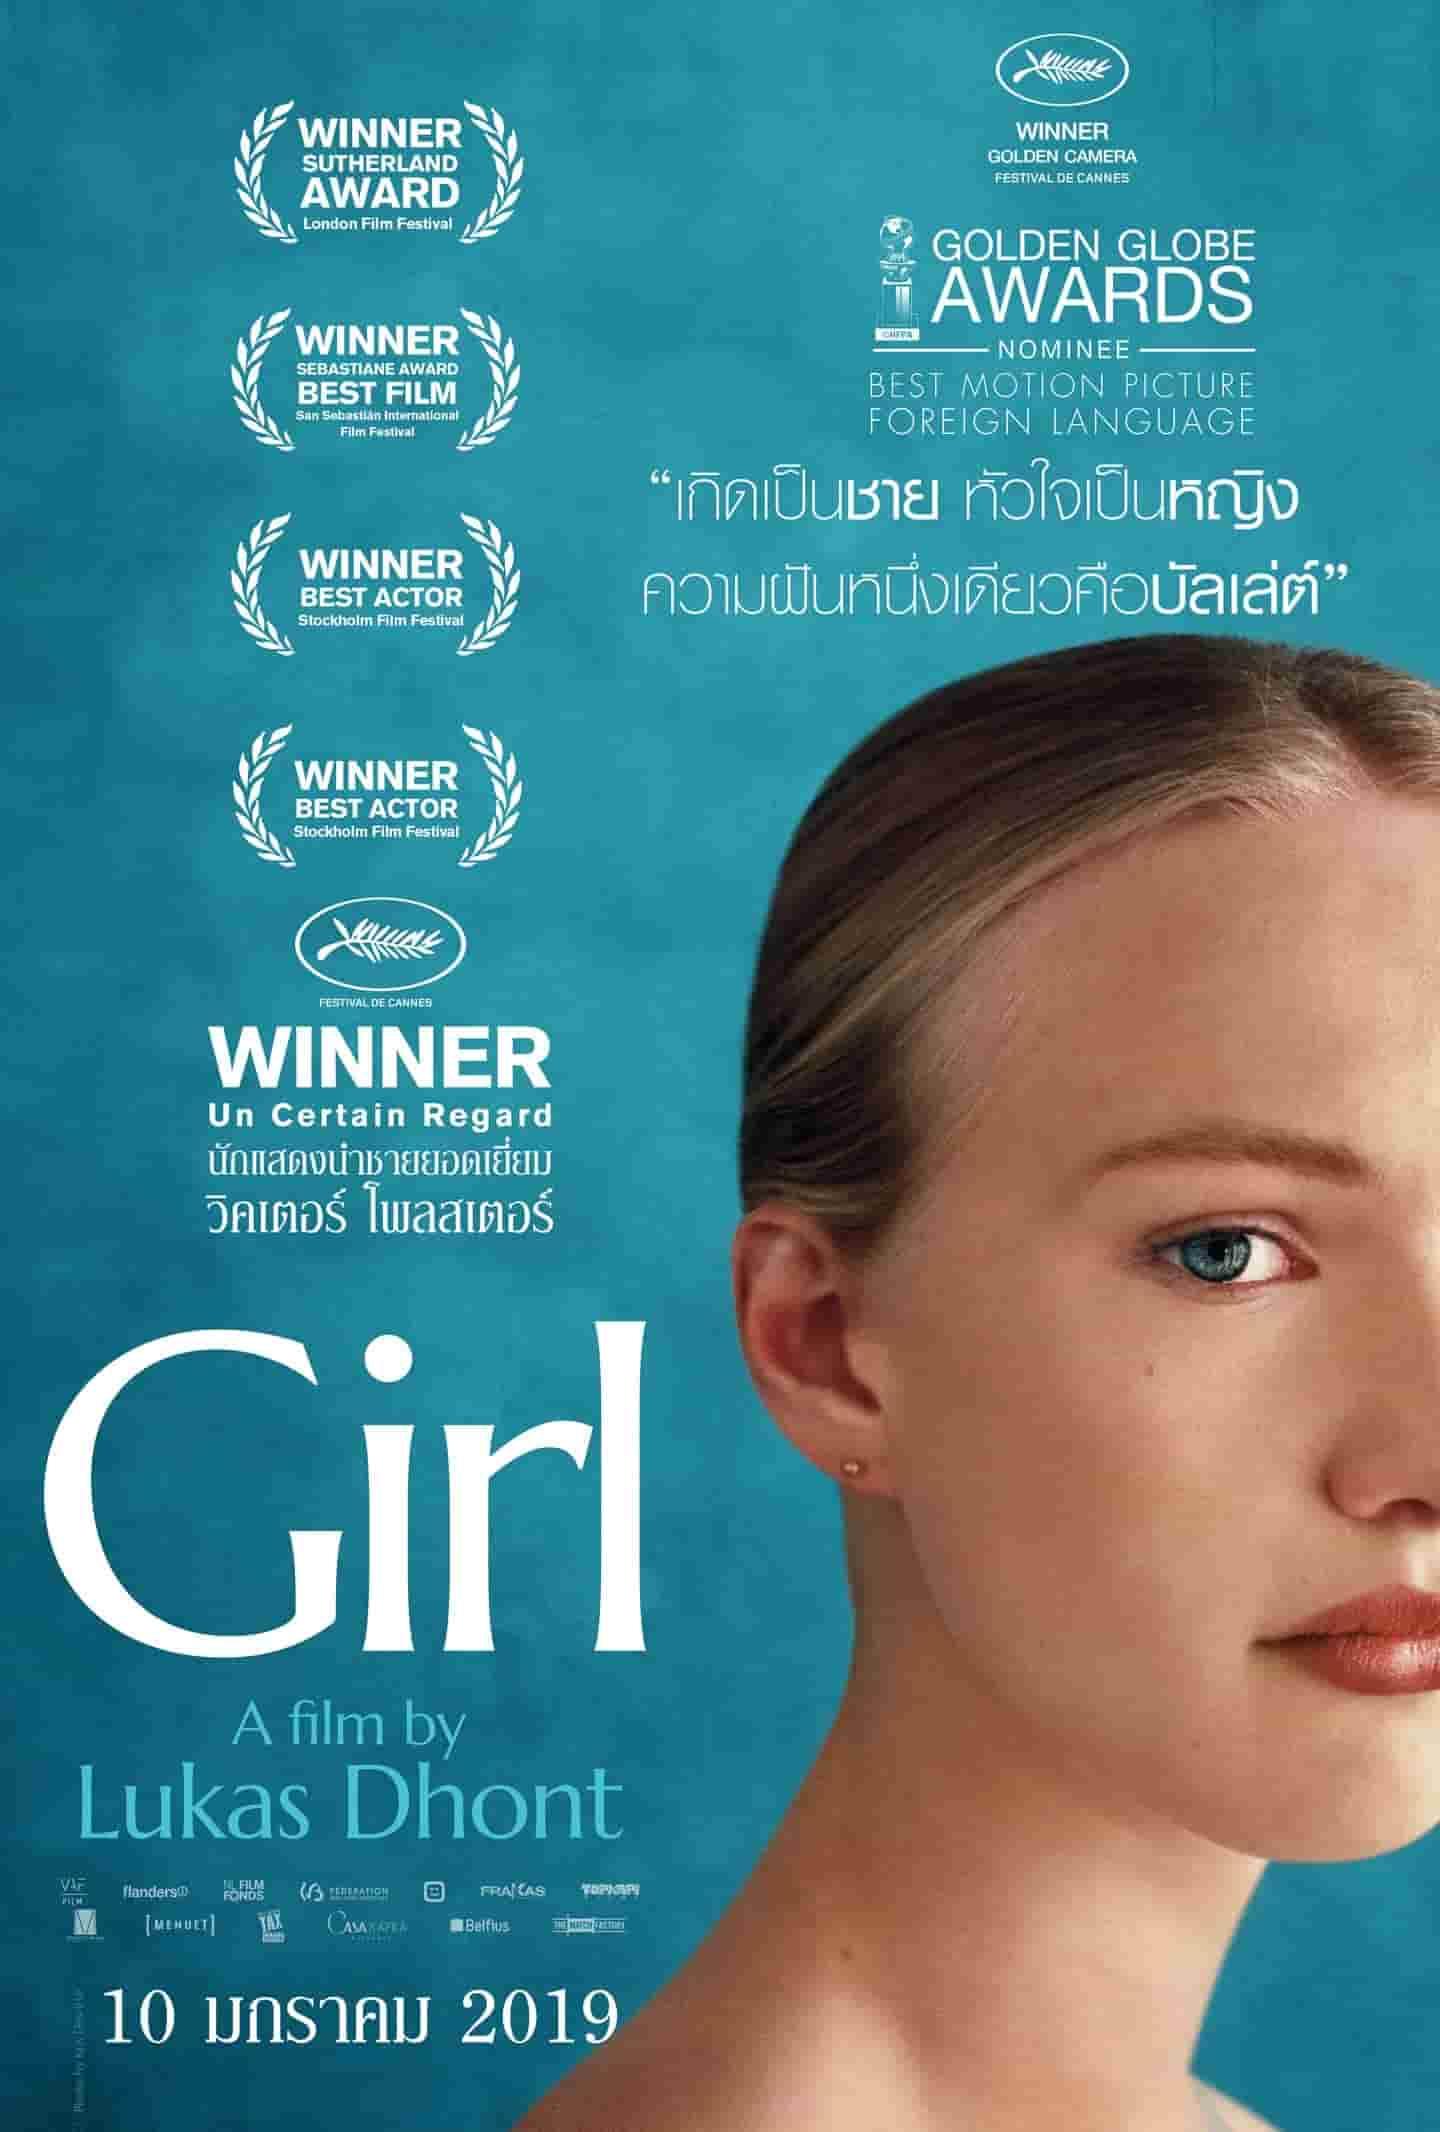 ดูหนัง Girl ฝันนี้เพื่อเป็นเกิร์ล มาสเตอร์ 4K ดูหนังออนไลน์ฟรี ดูหนังฟรี HD ชัด ดูหนังใหม่ชนโรง หนังใหม่ล่าสุด เต็มเรื่อง มาสเตอร์ พากย์ไทย ซาวด์แทร็ก ซับไทย หนังซูม หนังแอคชั่น หนังผจญภัย หนังแอนนิเมชั่น หนัง HD ได้ที่ movie24x.com